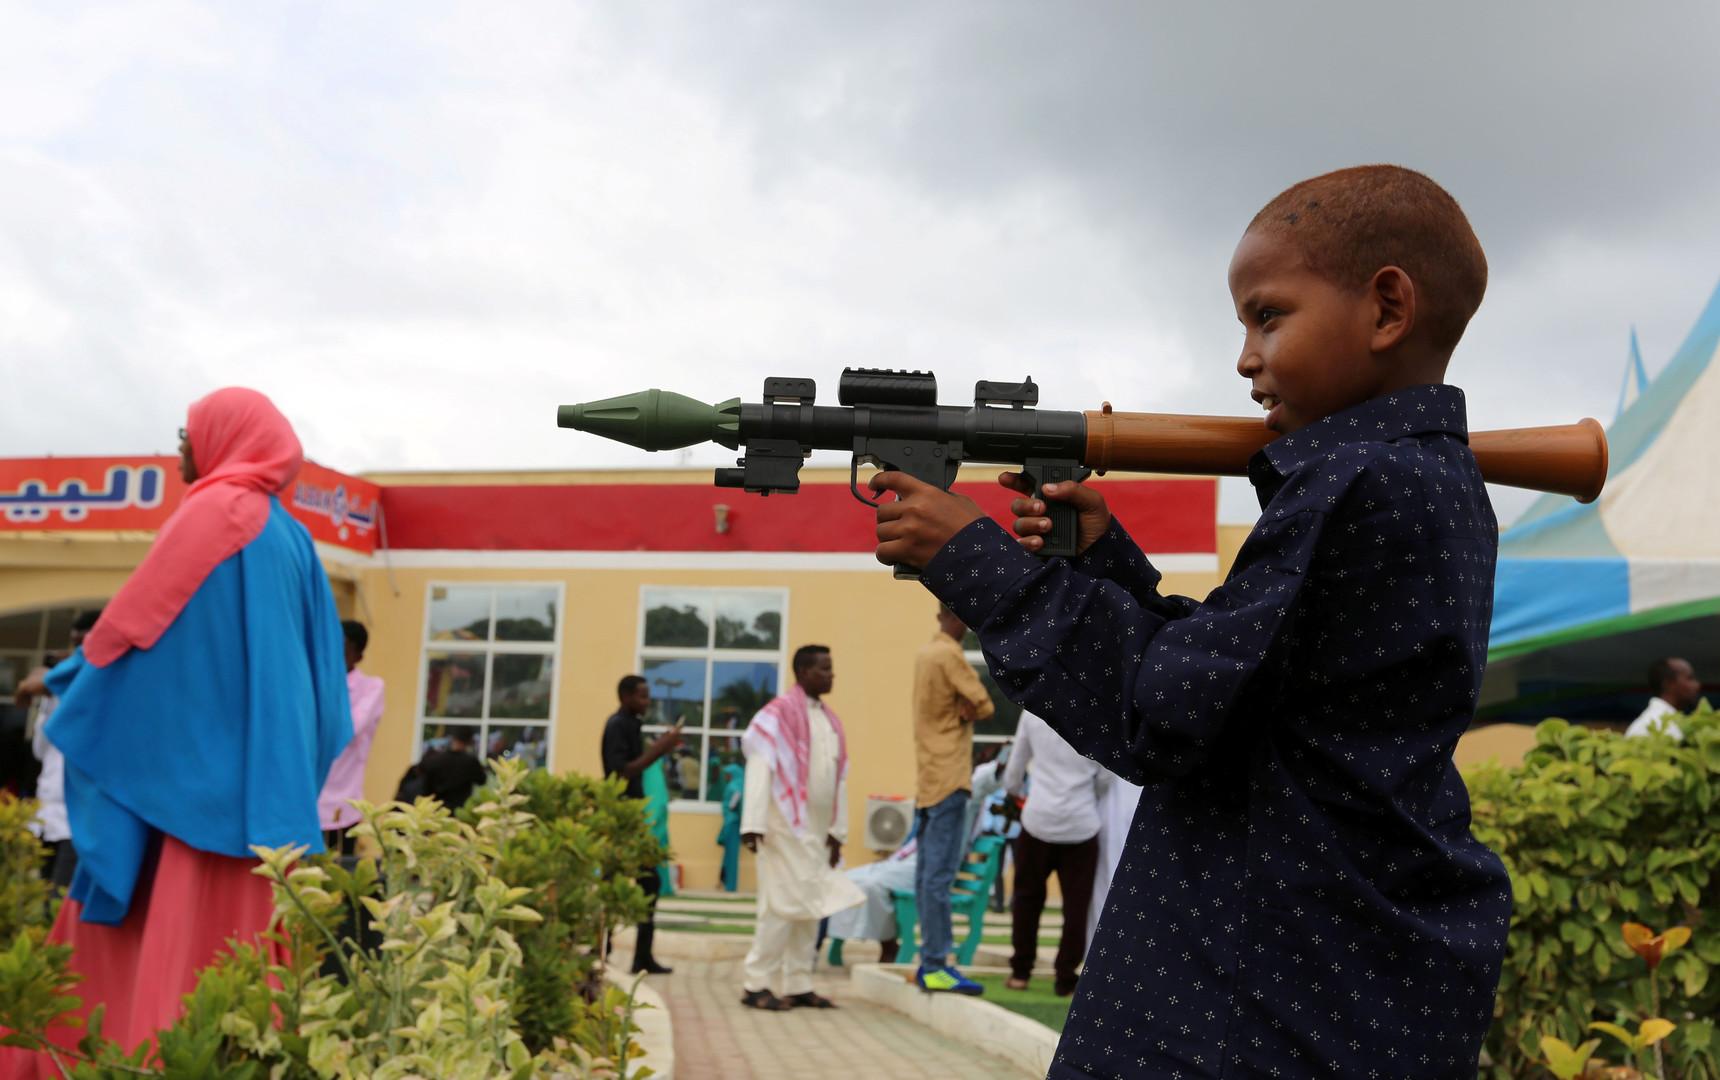 Сомалийский мальчик с игрушечным оружием в руках после молитвы в честь окончания священного месяца Рамадан.